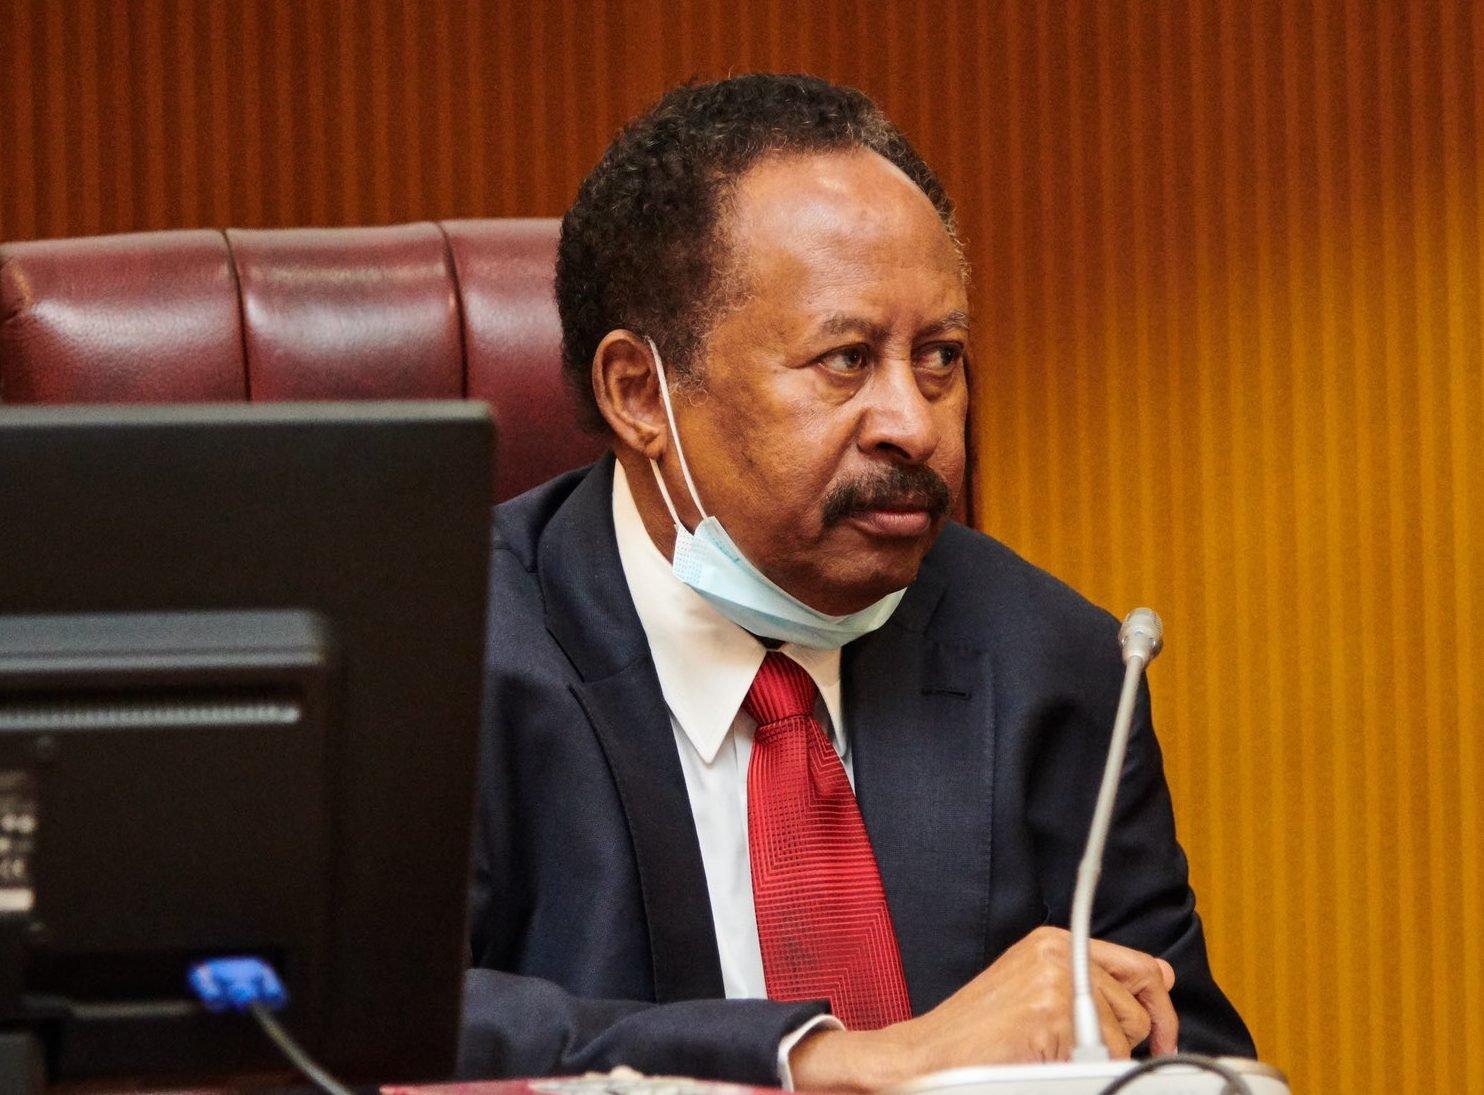 حكومة السودان - أزمة الوقود في السودان - مؤتمر باريس